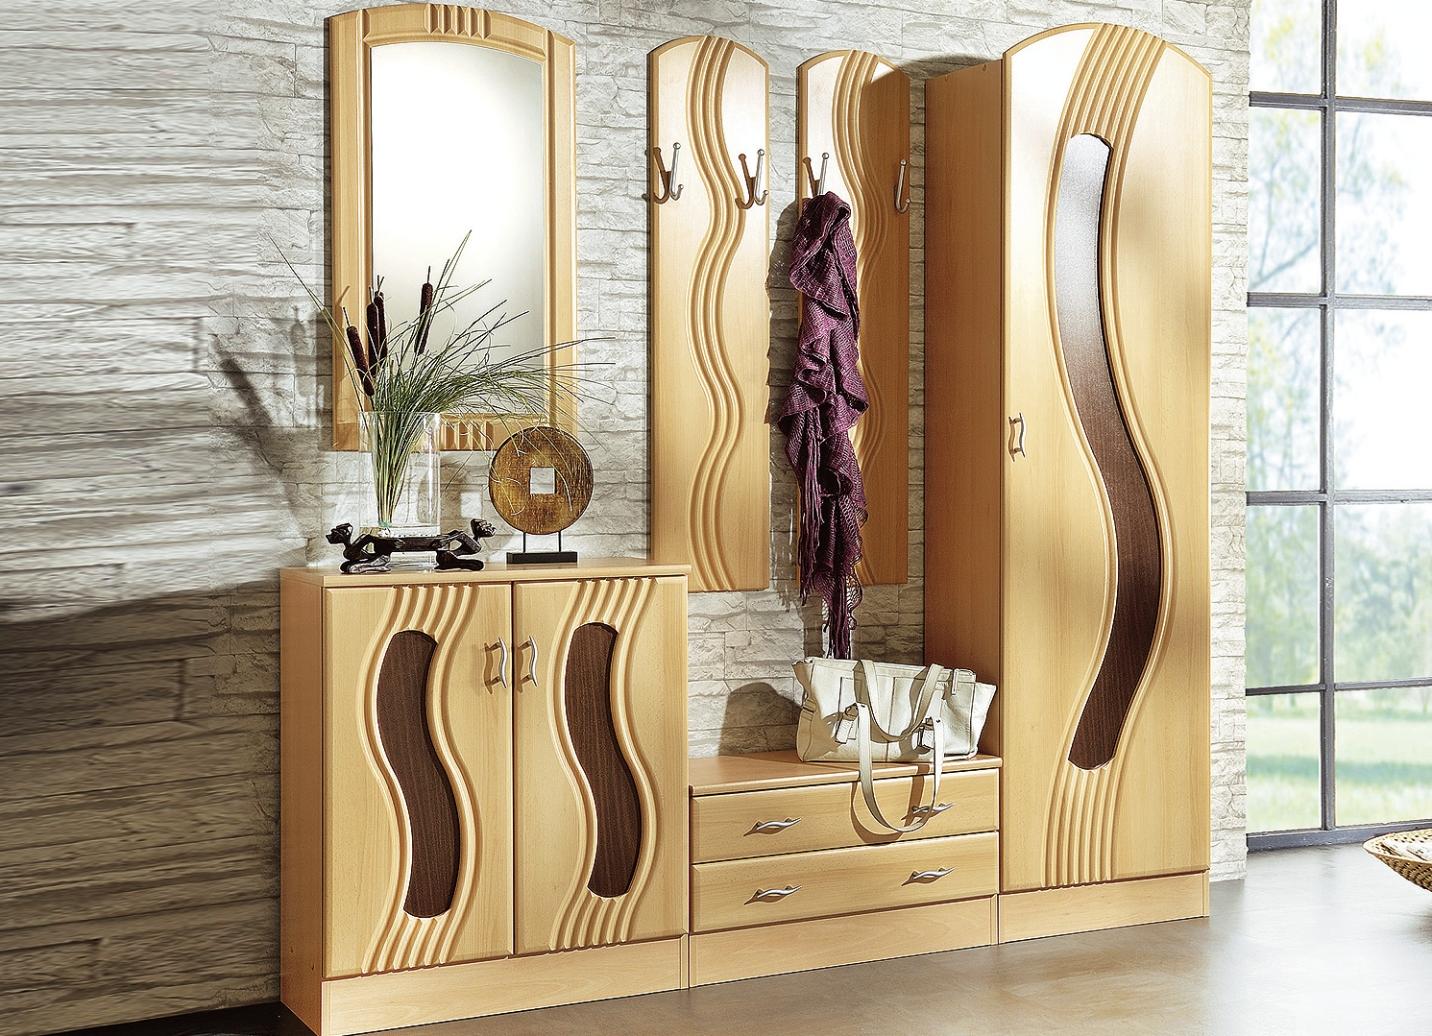 dielenm bel programm in verschiedenen farben und ausf hrungen garderobenm bel bader. Black Bedroom Furniture Sets. Home Design Ideas